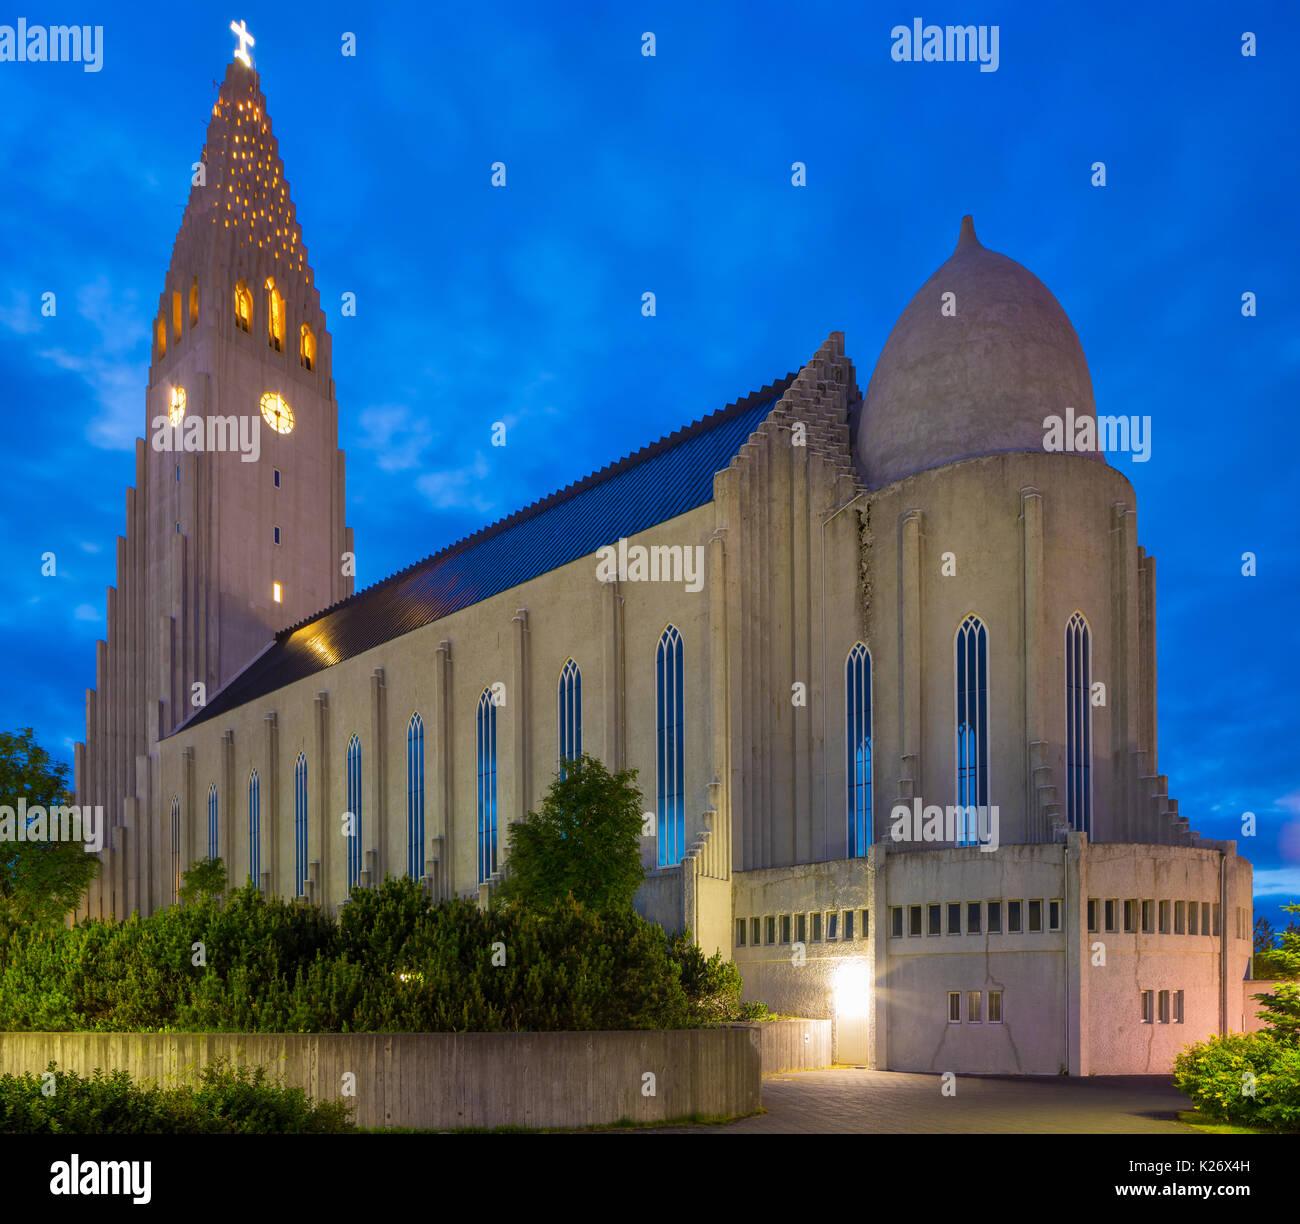 C'est un Luthérien Hallgrimskirkja Church (église paroissiale) de l'Islande à Reykjavik, Islande. À 74,5 mètres Banque D'Images